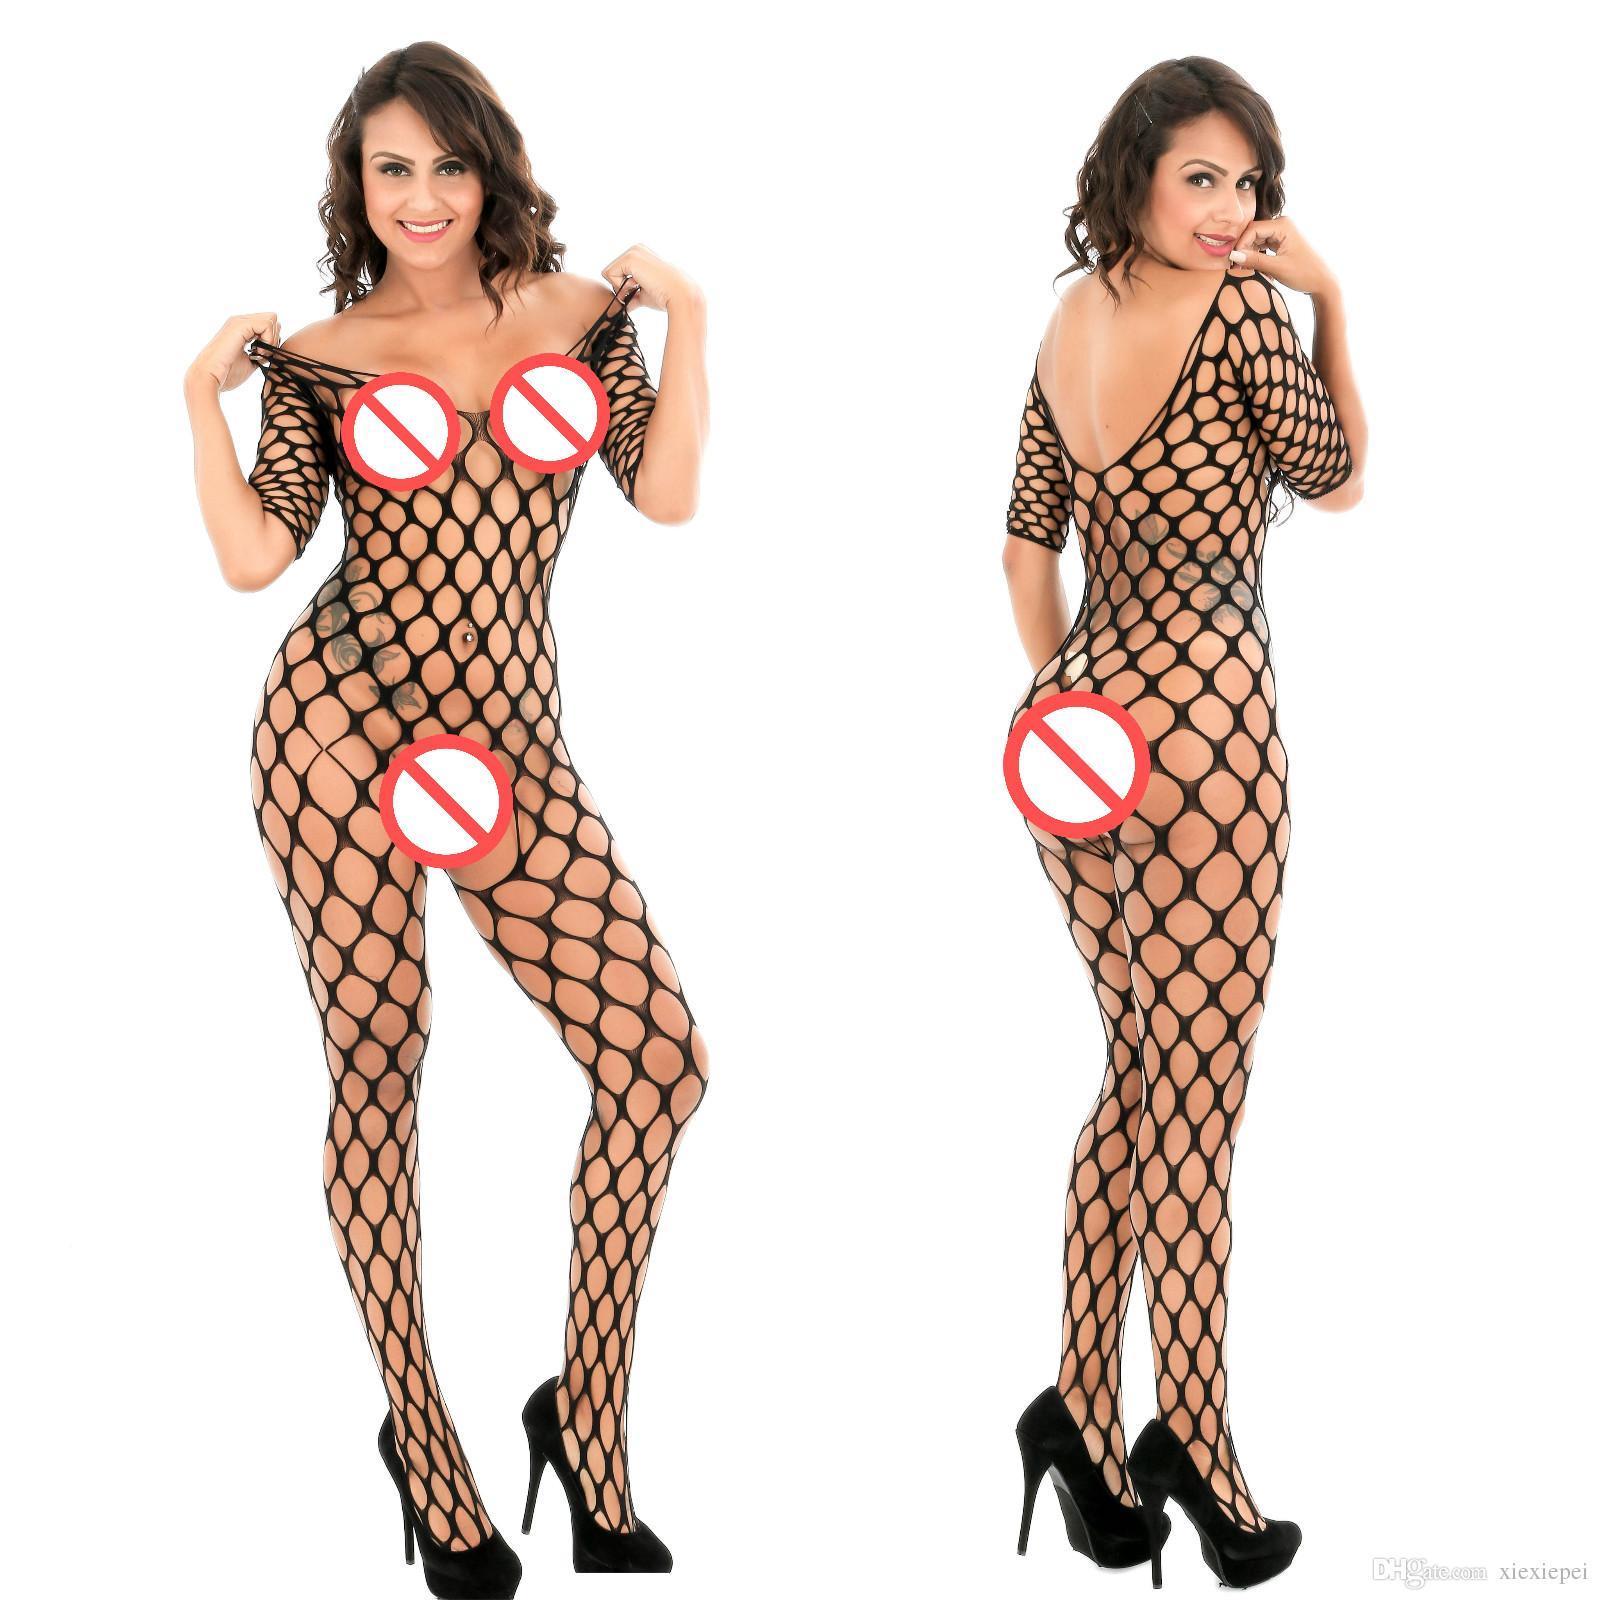 Külotlu çorap Mujer Seksi Kadın Fishnet Çit Jambo Net Elmas Mesh Uzun Kollu Bodystocking Çoraplar Külotlu çorap Erotik İç bodysuit